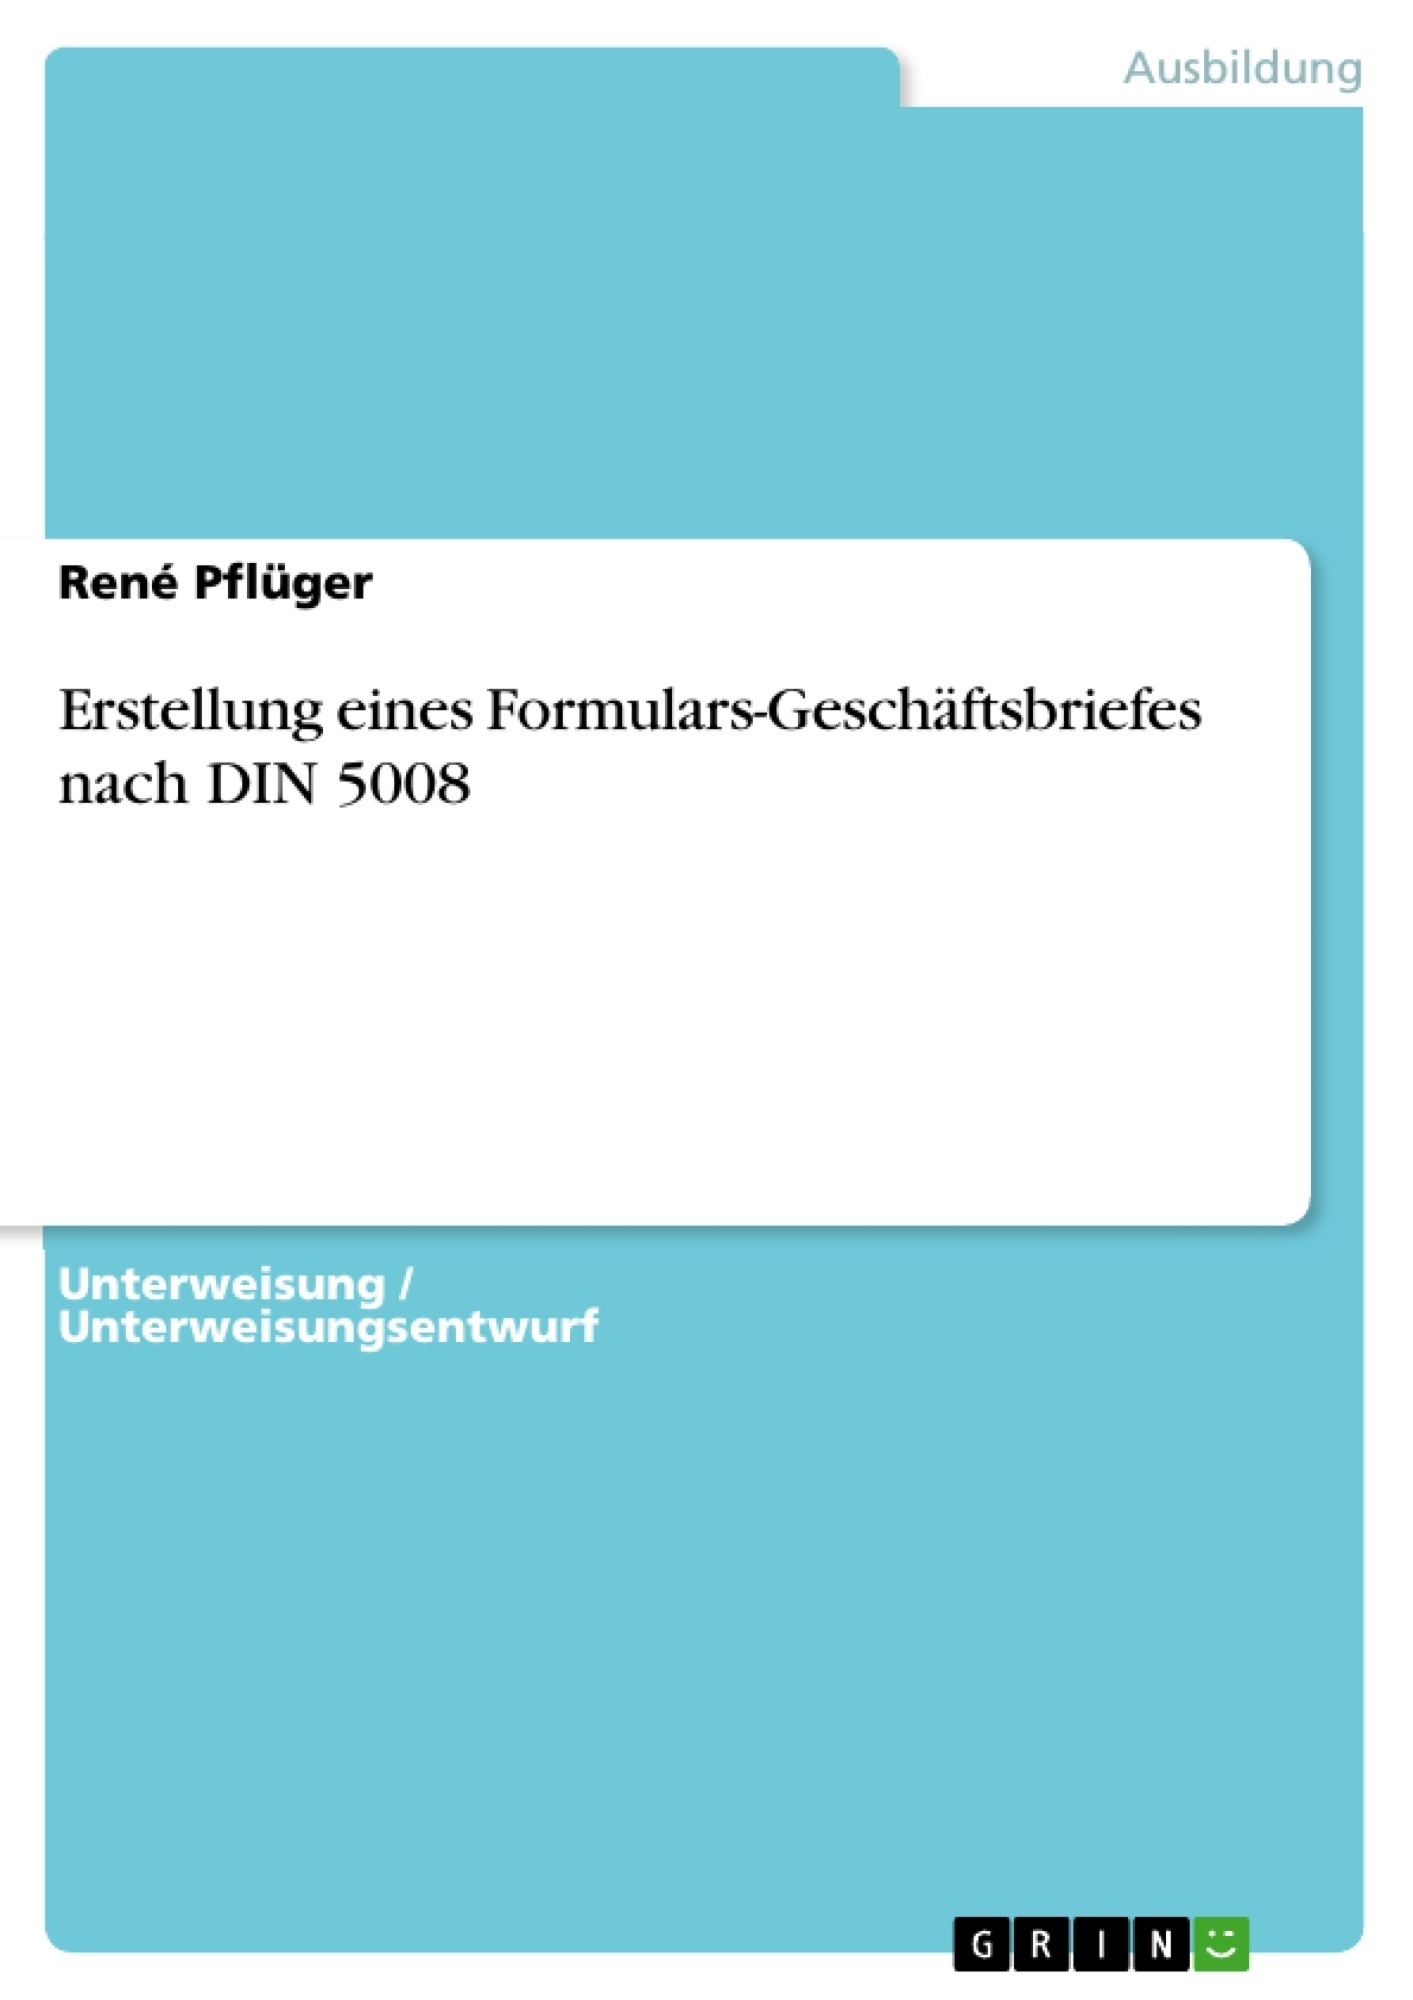 Titel: Erstellung eines Formulars-Geschäftsbriefes nach DIN 5008